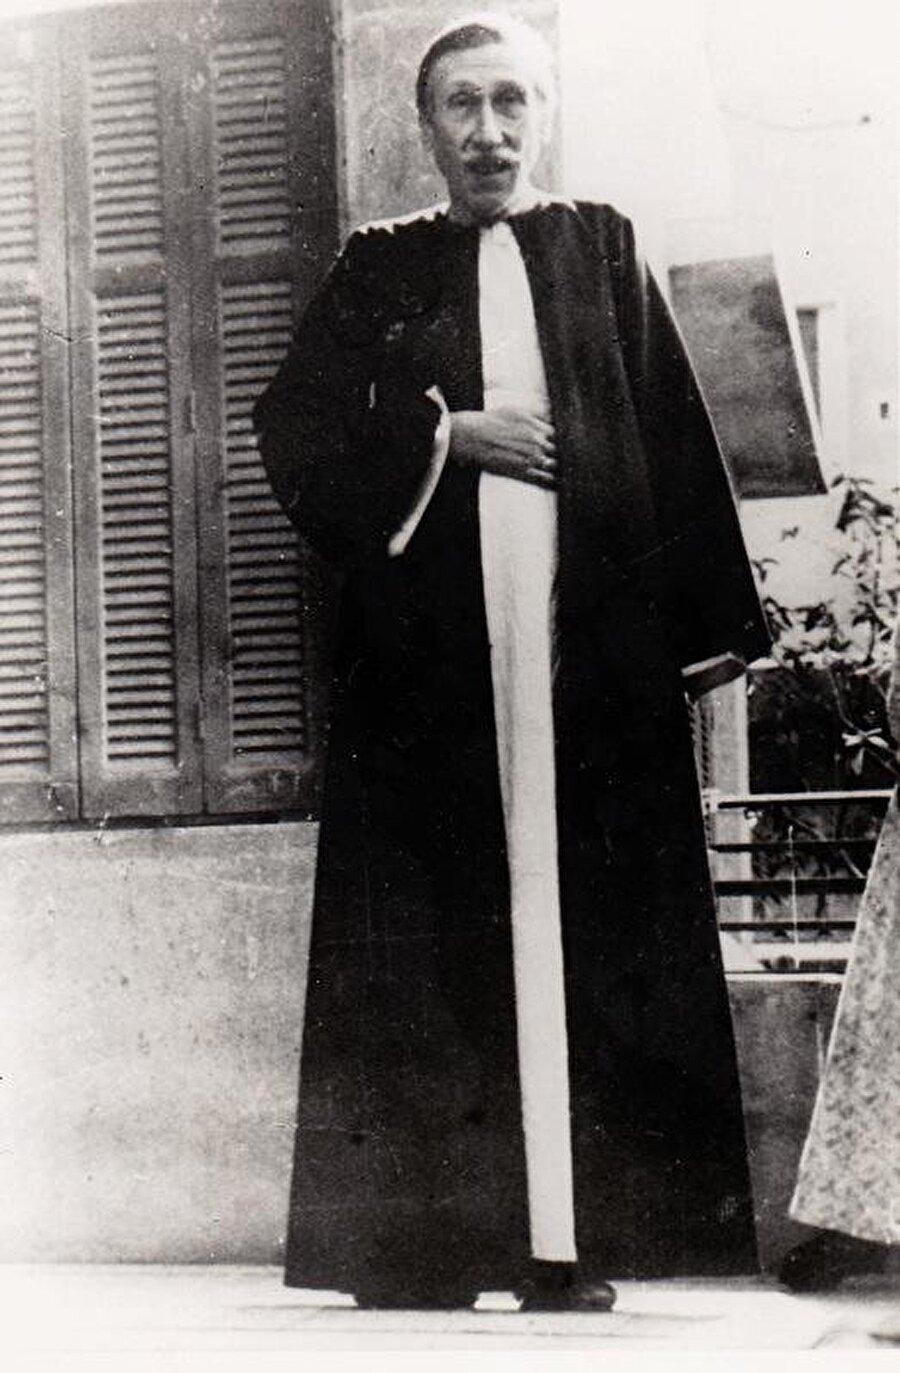 Guénon Mısır'ı ikinci kez ziyaret ettiğinde bir daha ayrılmamak üzere Kahire'ye yerleşti.